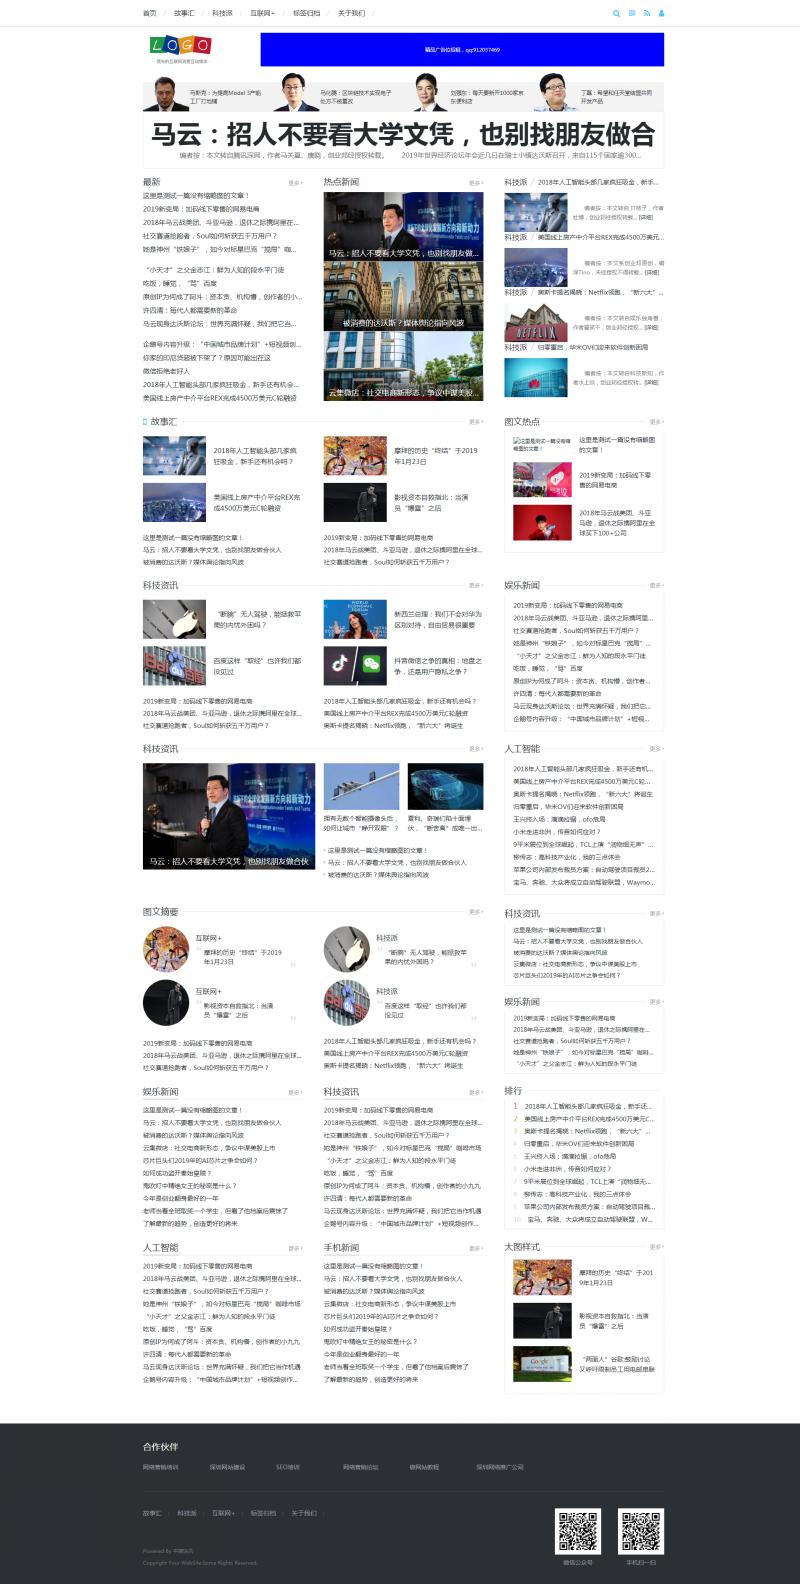 网站首页.jpg [DG-045]大气新闻资讯站点模板媒体新闻模板(独立PC版) 新闻资讯 第1张